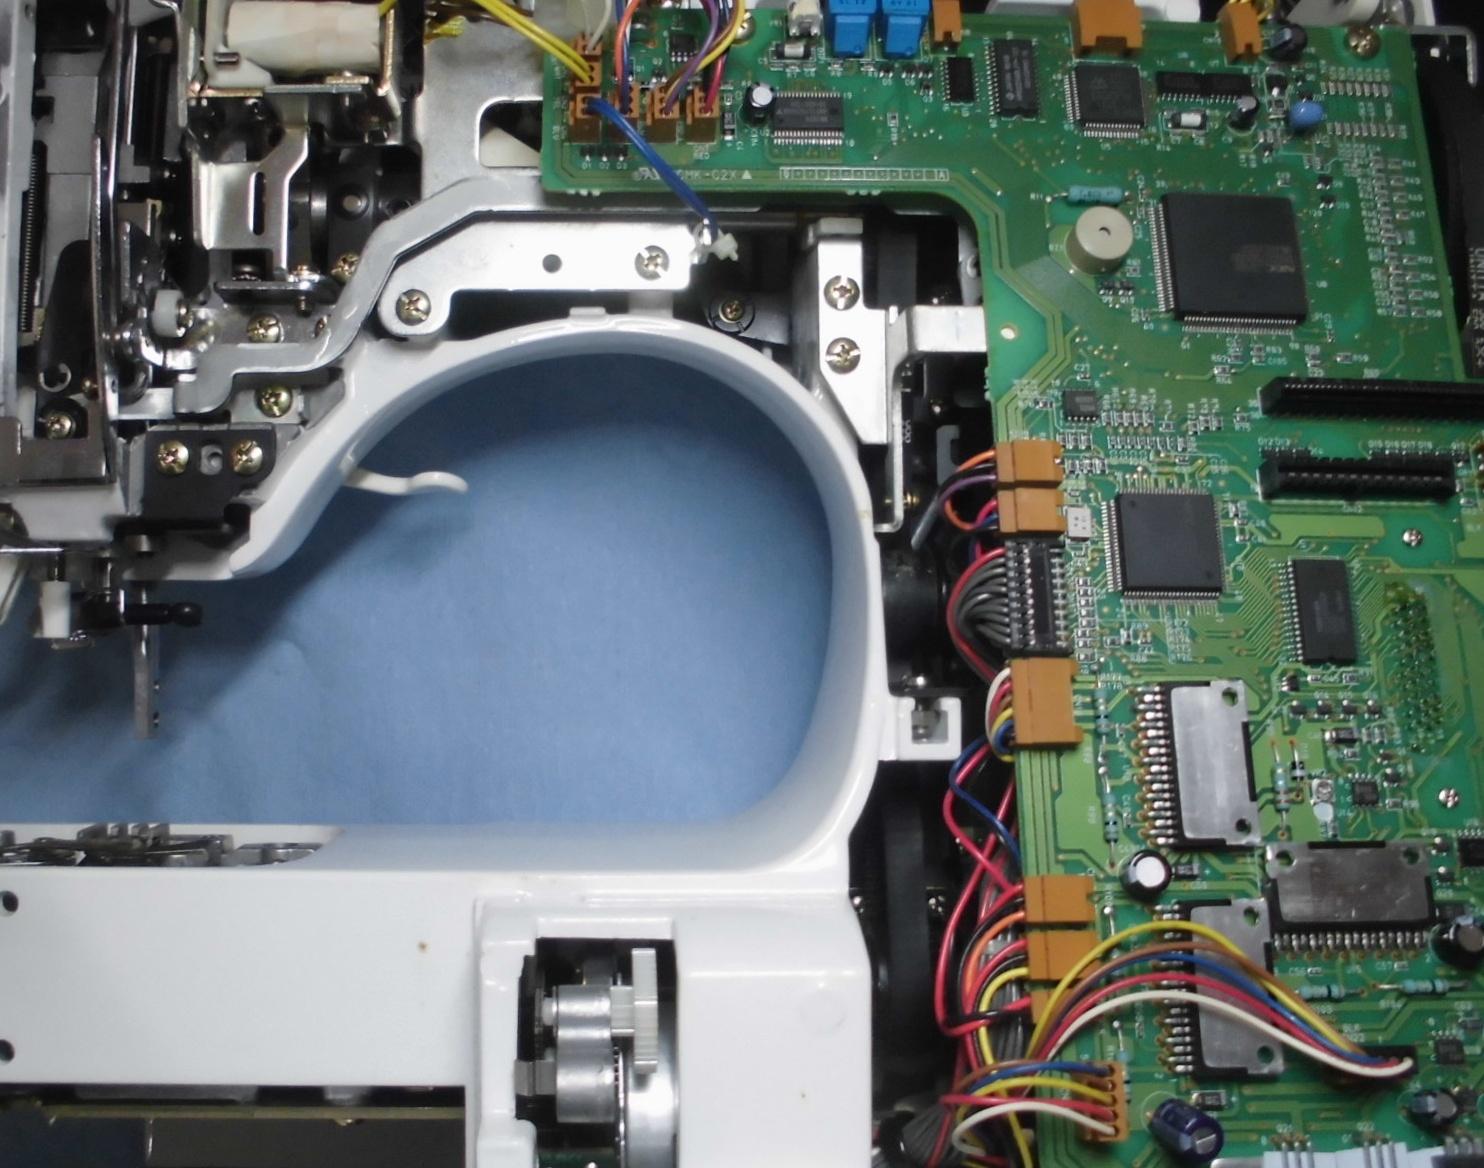 HZL-008Nの分解オーバーホールメンテナンス修理|ジューキミシン